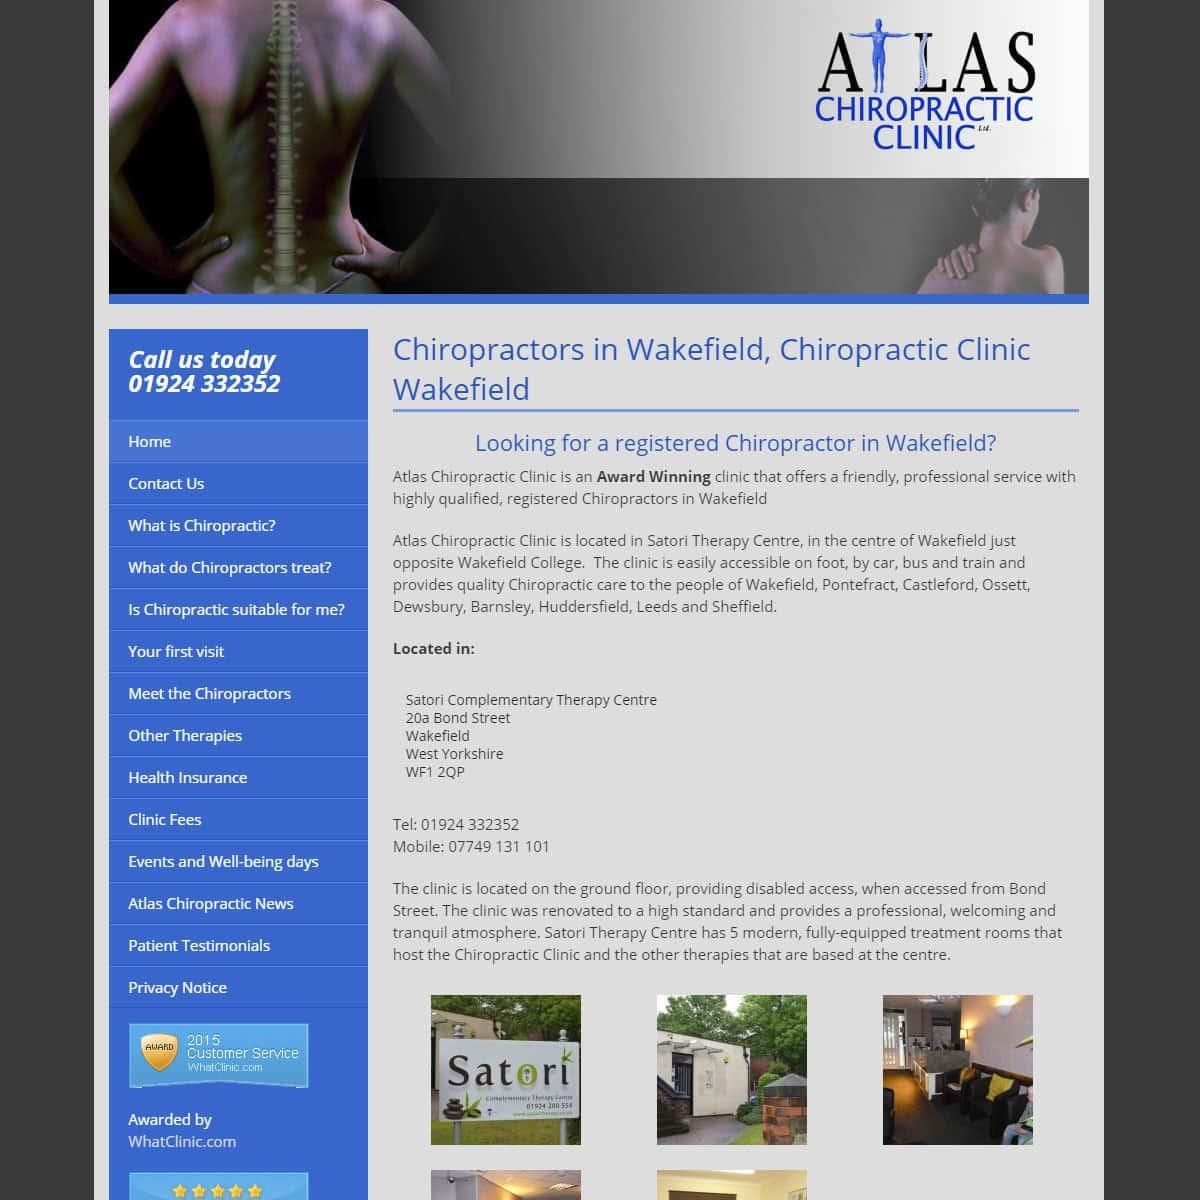 atlaschiropracticclinic